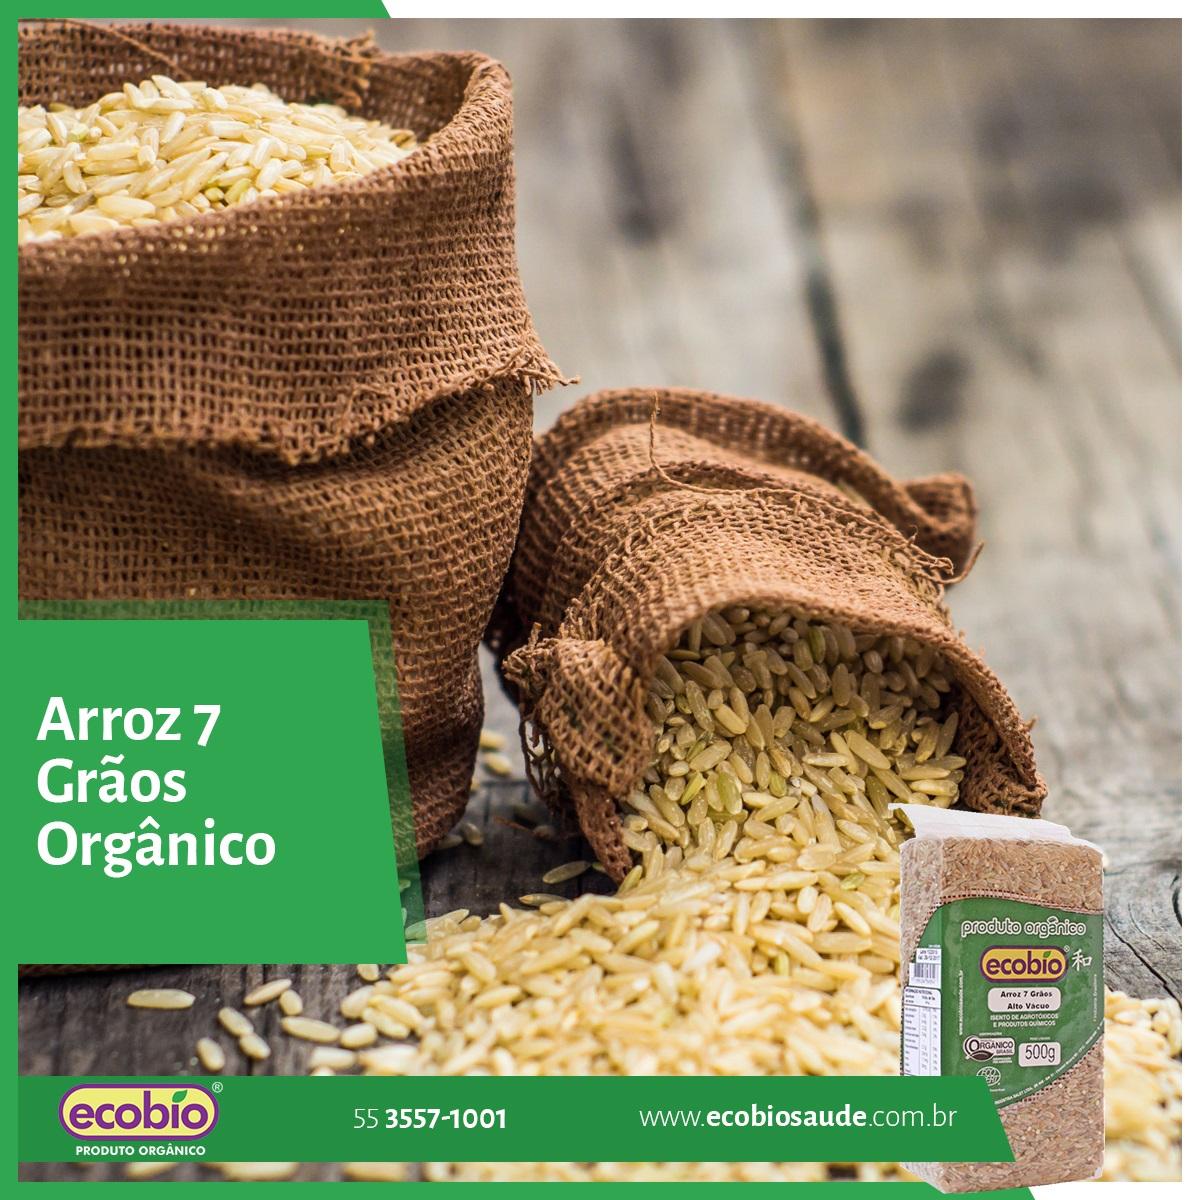 Arroz 7 Grãos Orgânico Ecobio